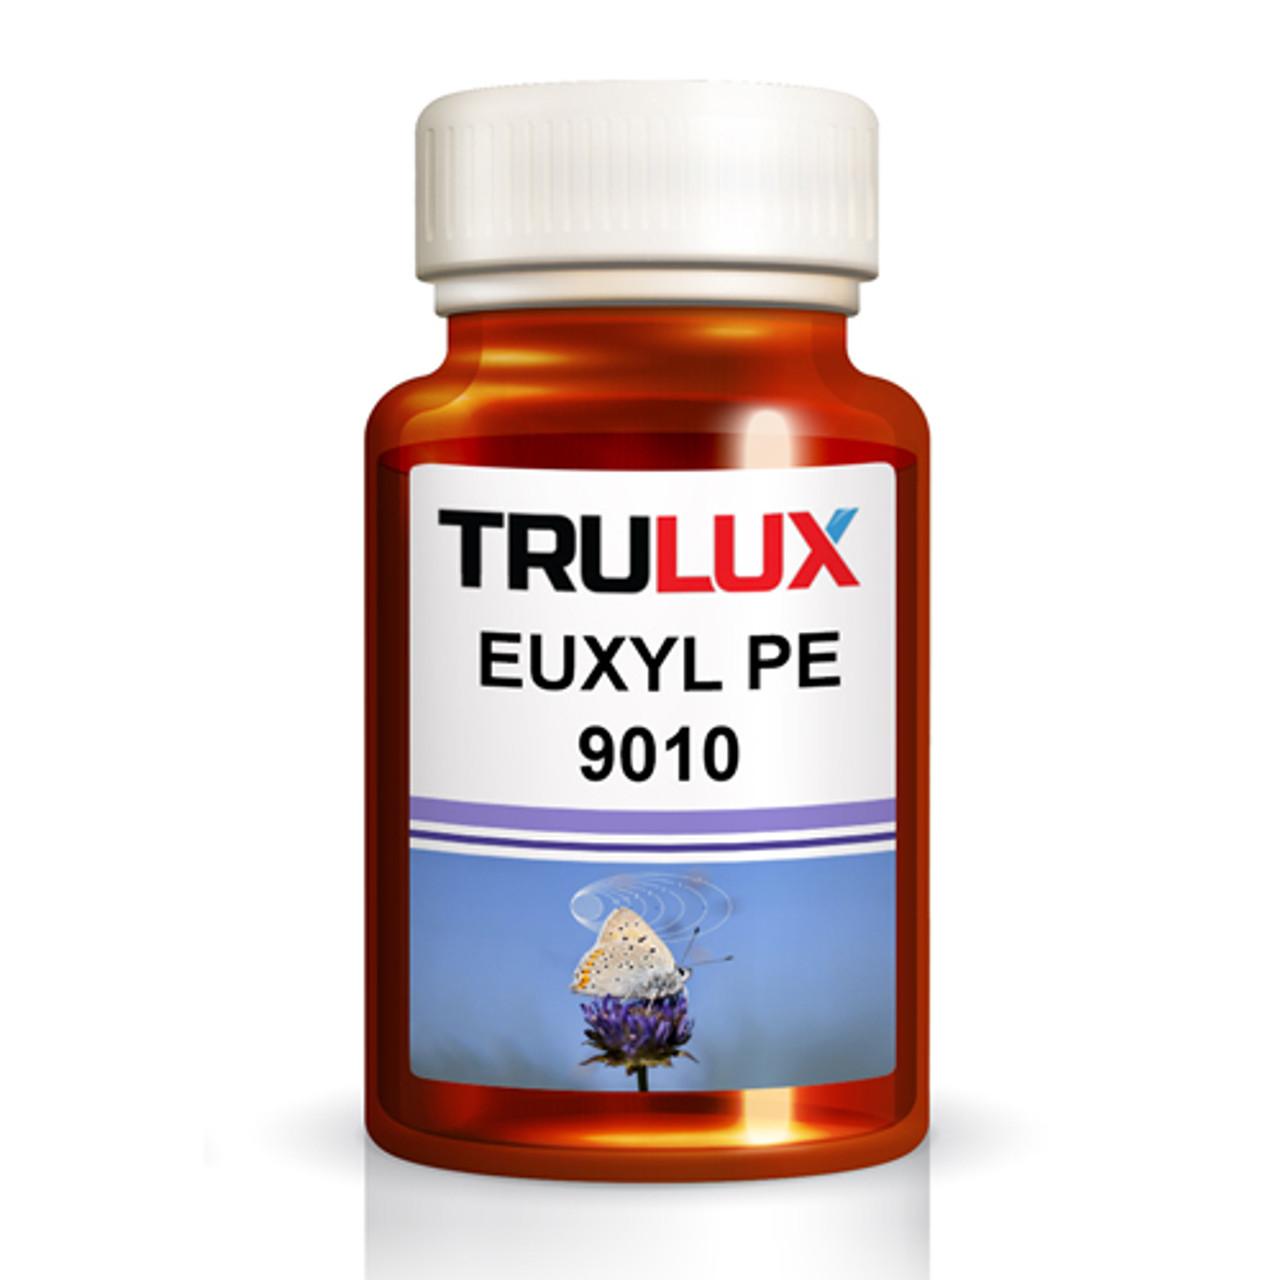 PHENOXYETHANOL ETHYLHEXYLGLYCERIN